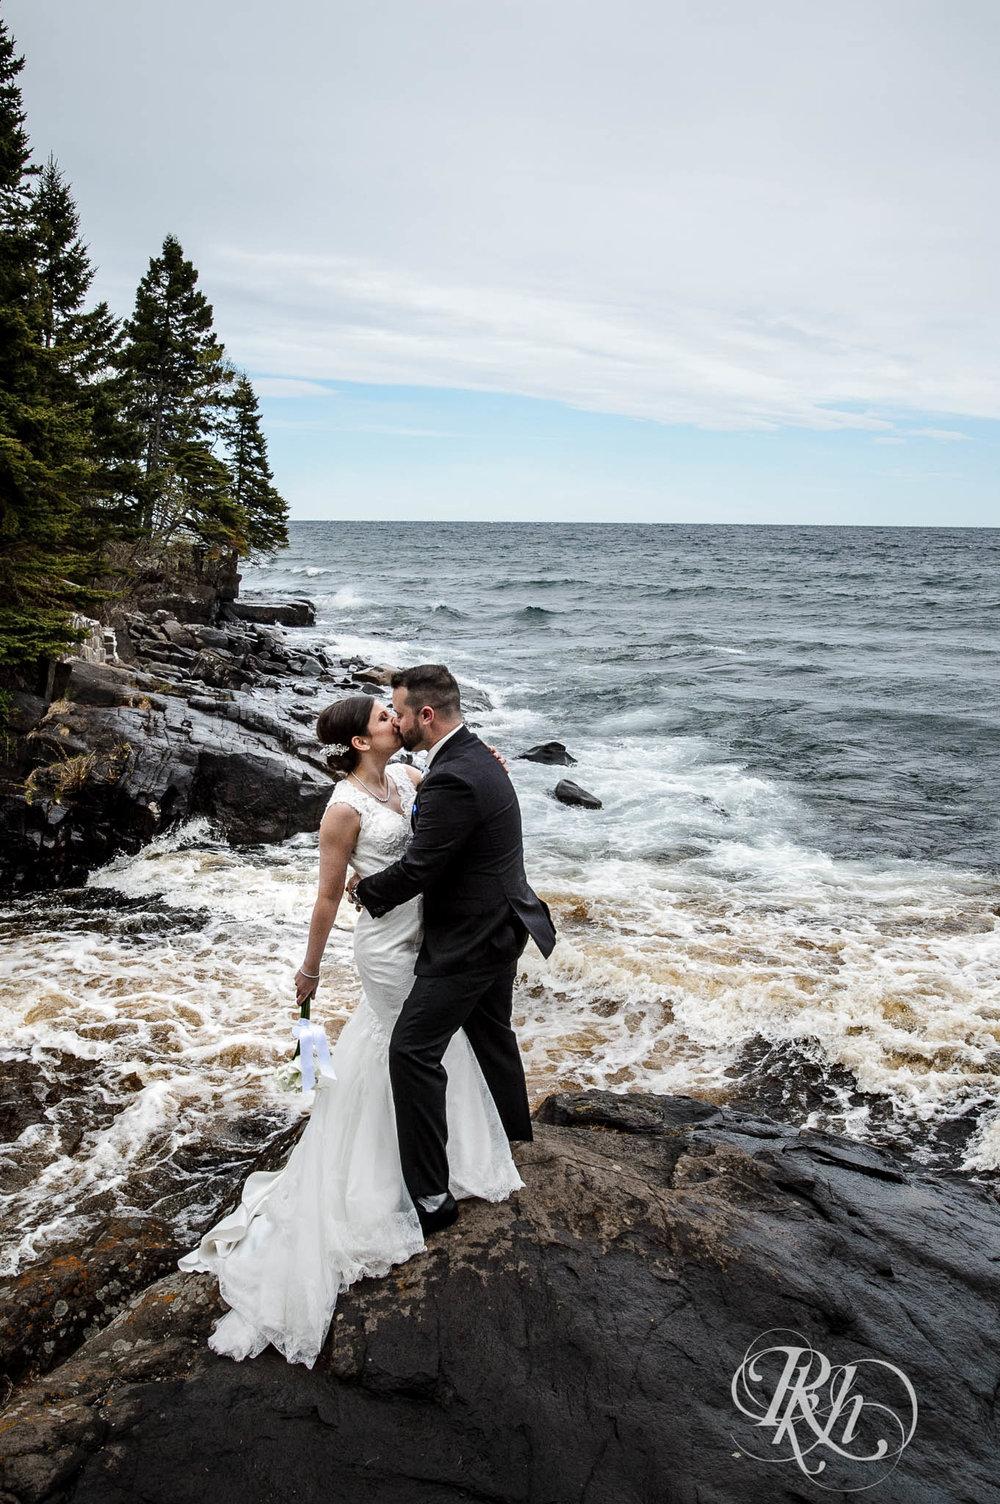 Tonya & Steve - Minnesota Wedding Photograhper - RKH Images - Blog (27 of 53).jpg